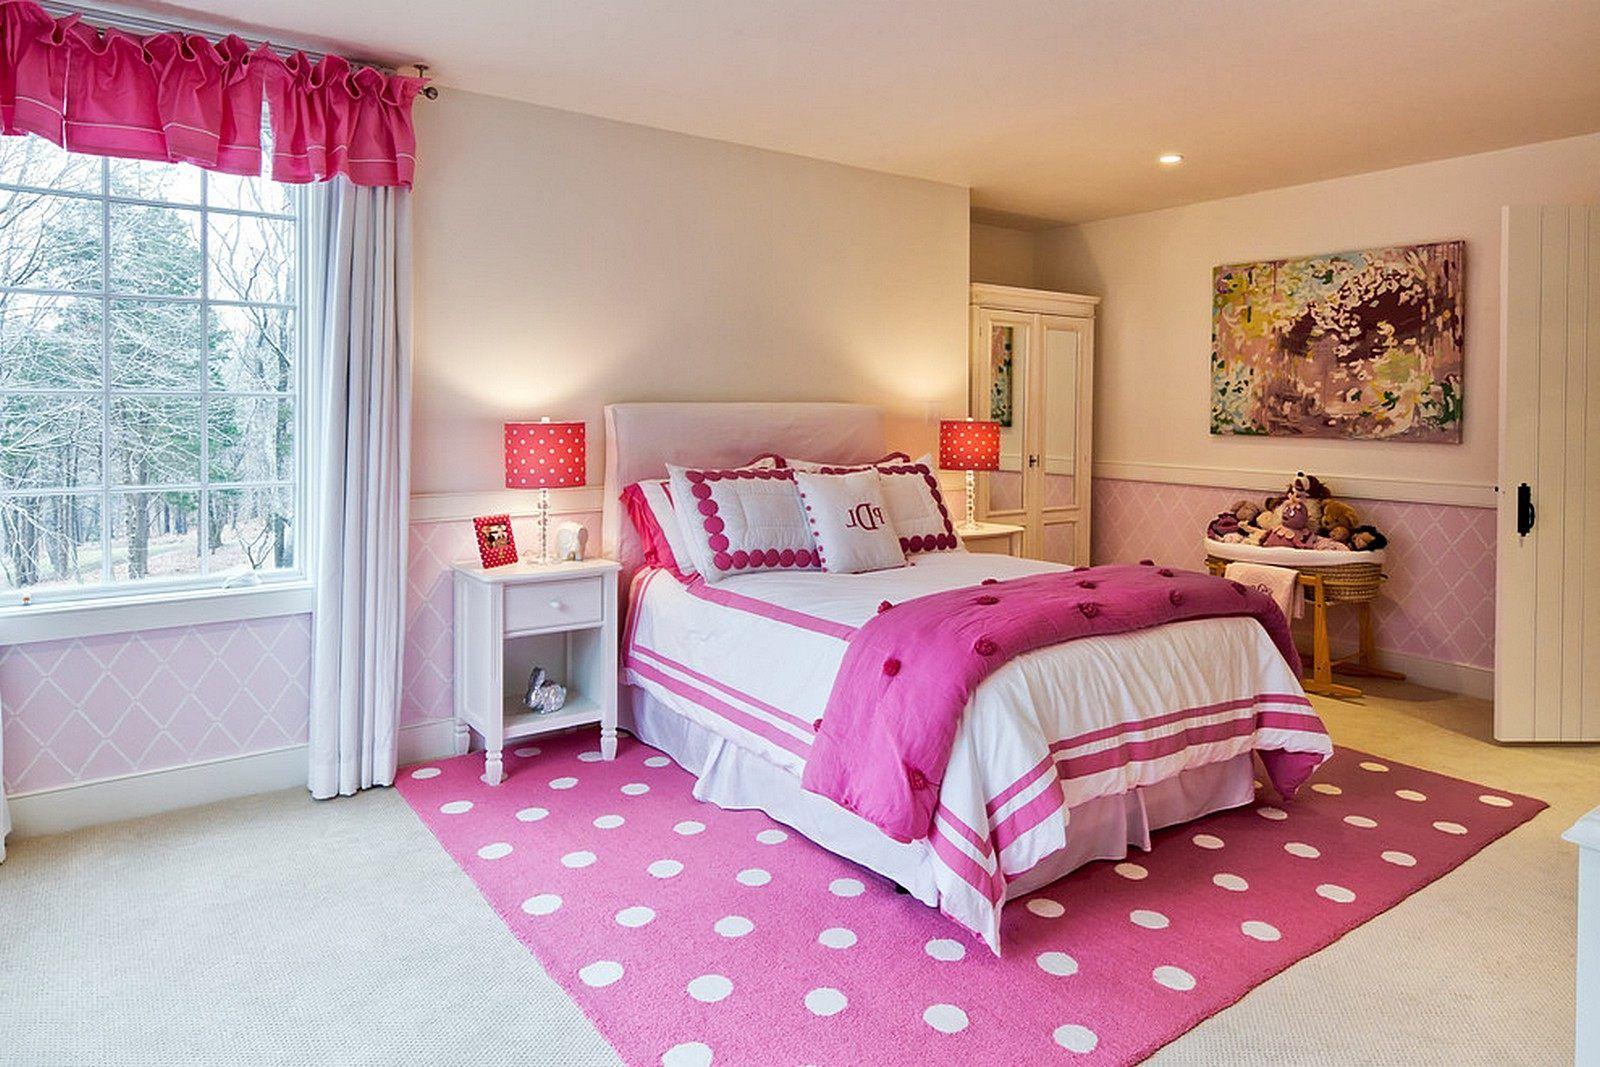 treppe bett neben tisch rosa und lila schlafzimmer designs